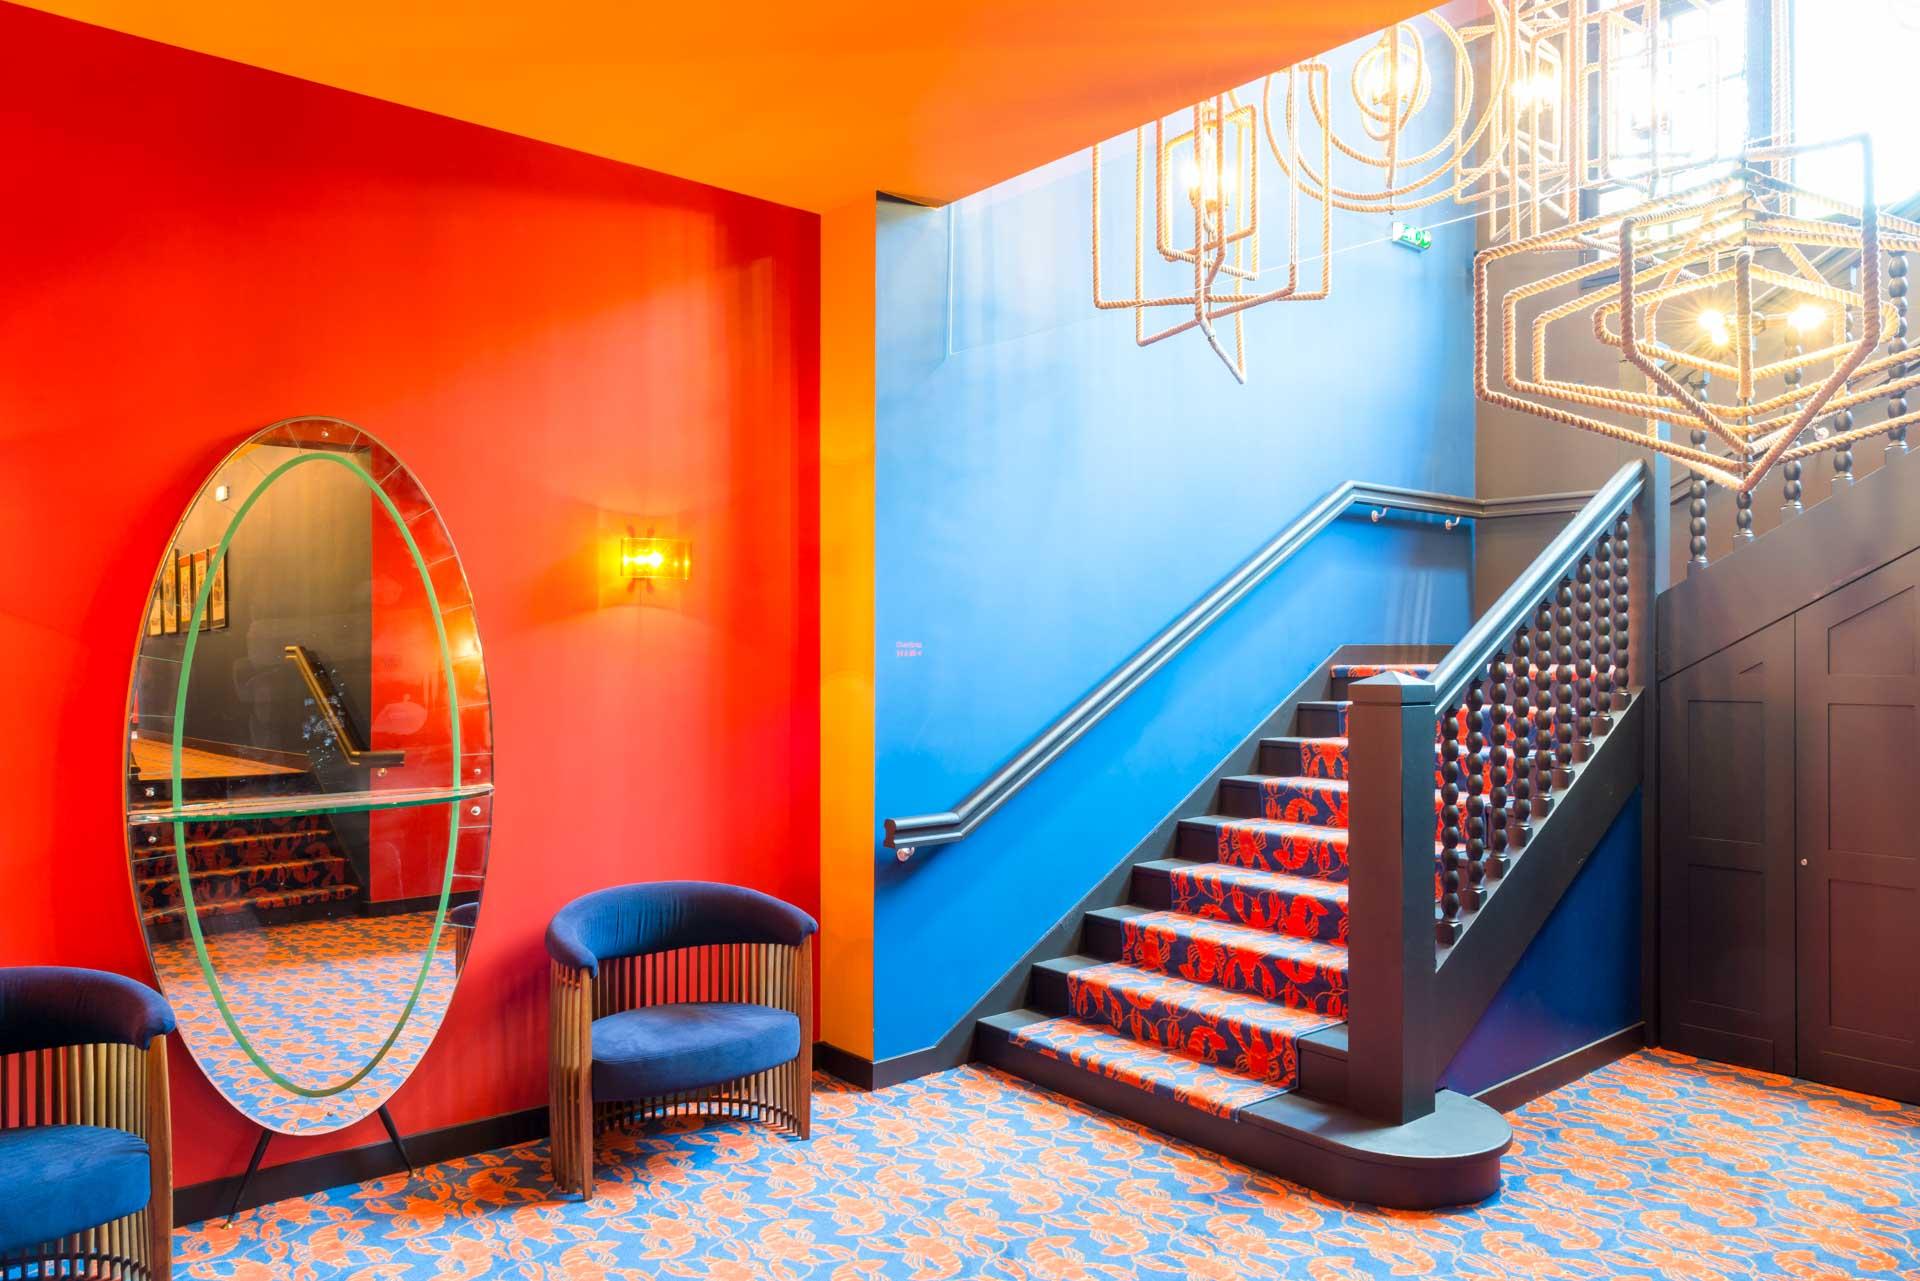 Le lobby permet une immersion immédiate dans l'univers haut en couleur de l'artiste